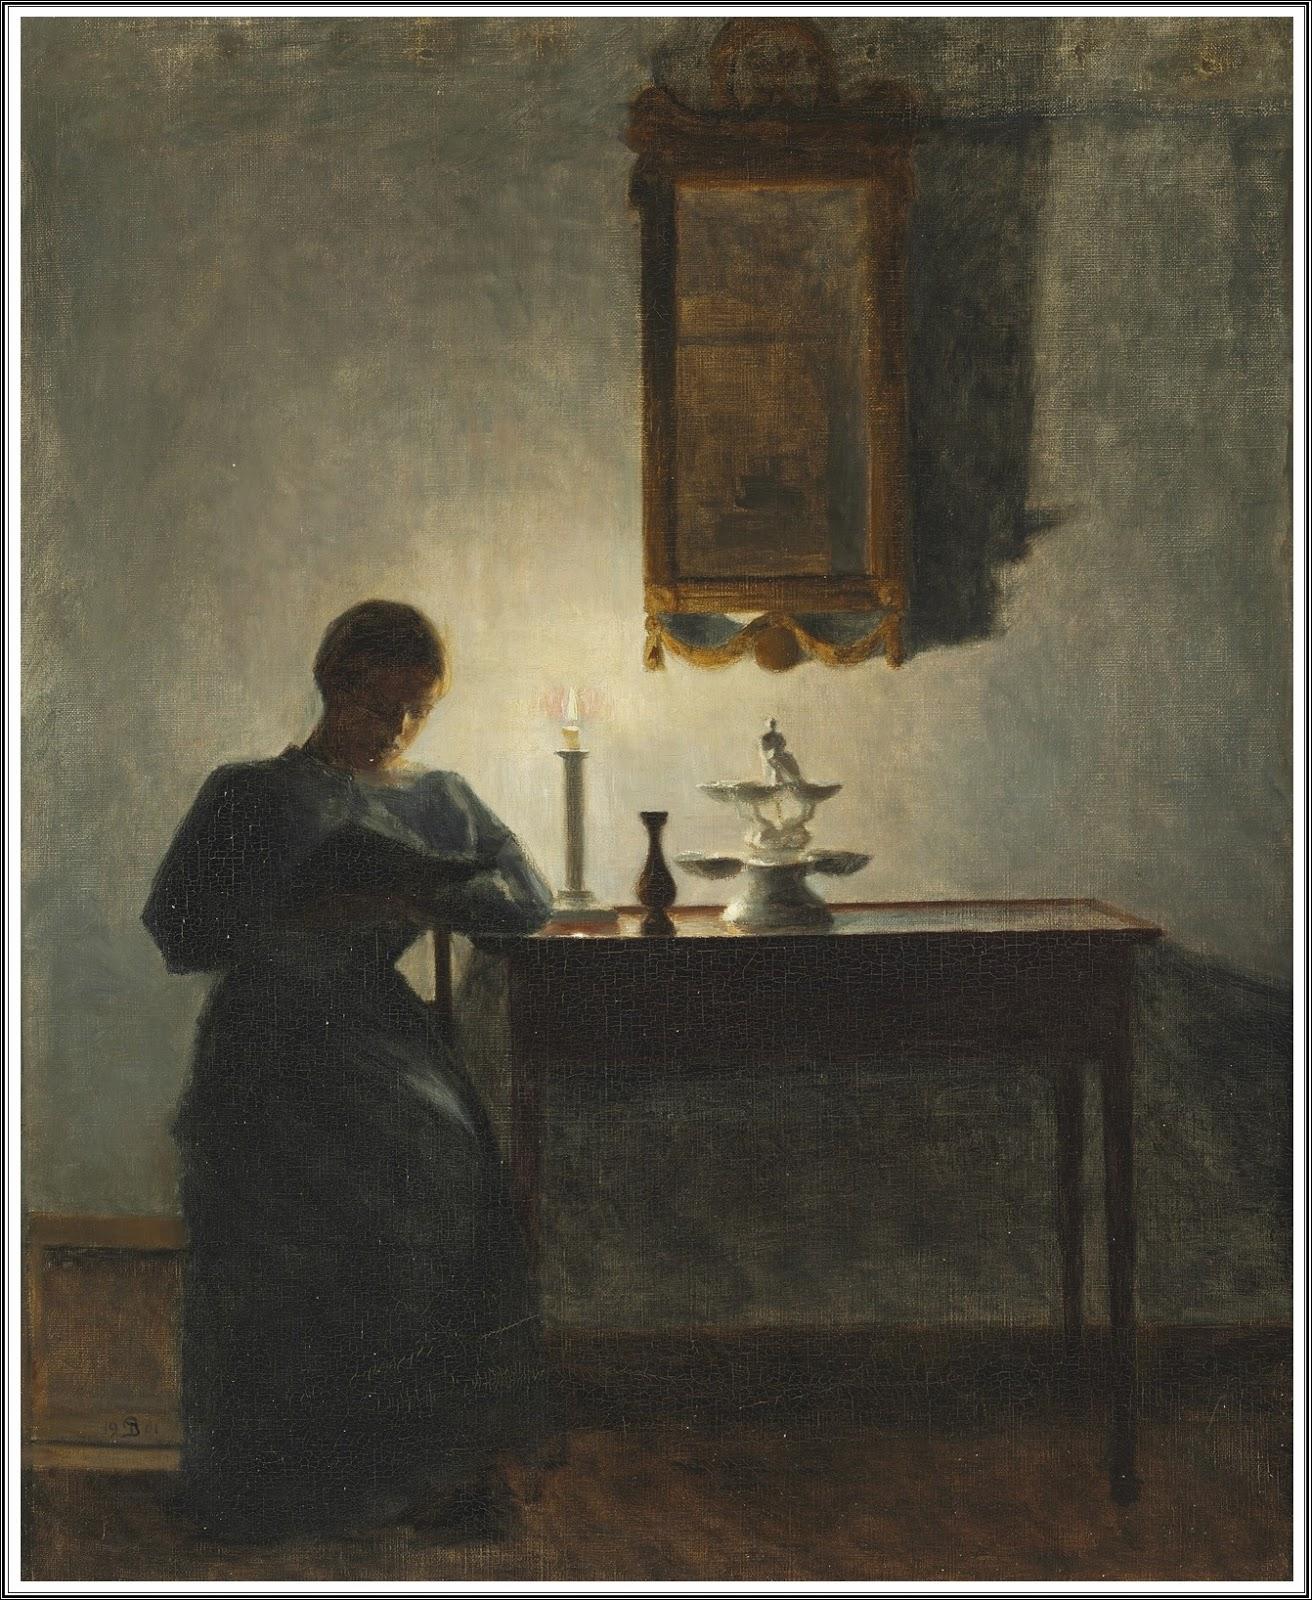 peter vilhelm ilsted 1861 1933 intrieur avec une jeune femme lisant la lueur dune bougie 1901